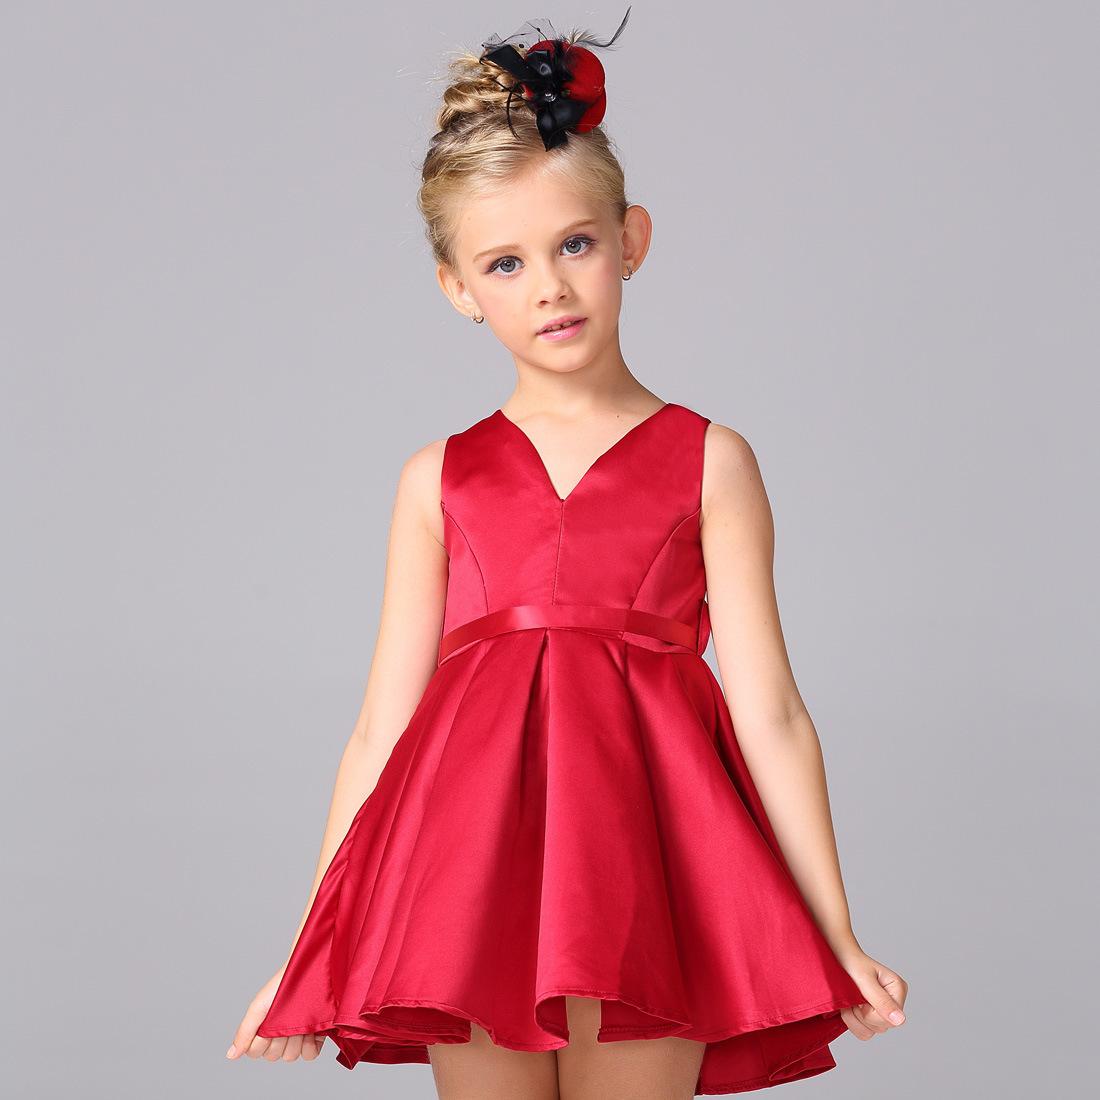 Summer European High-grade Children's Dress Girls Dress Sleeveless Cotton Princess Dress(China (Mainland))